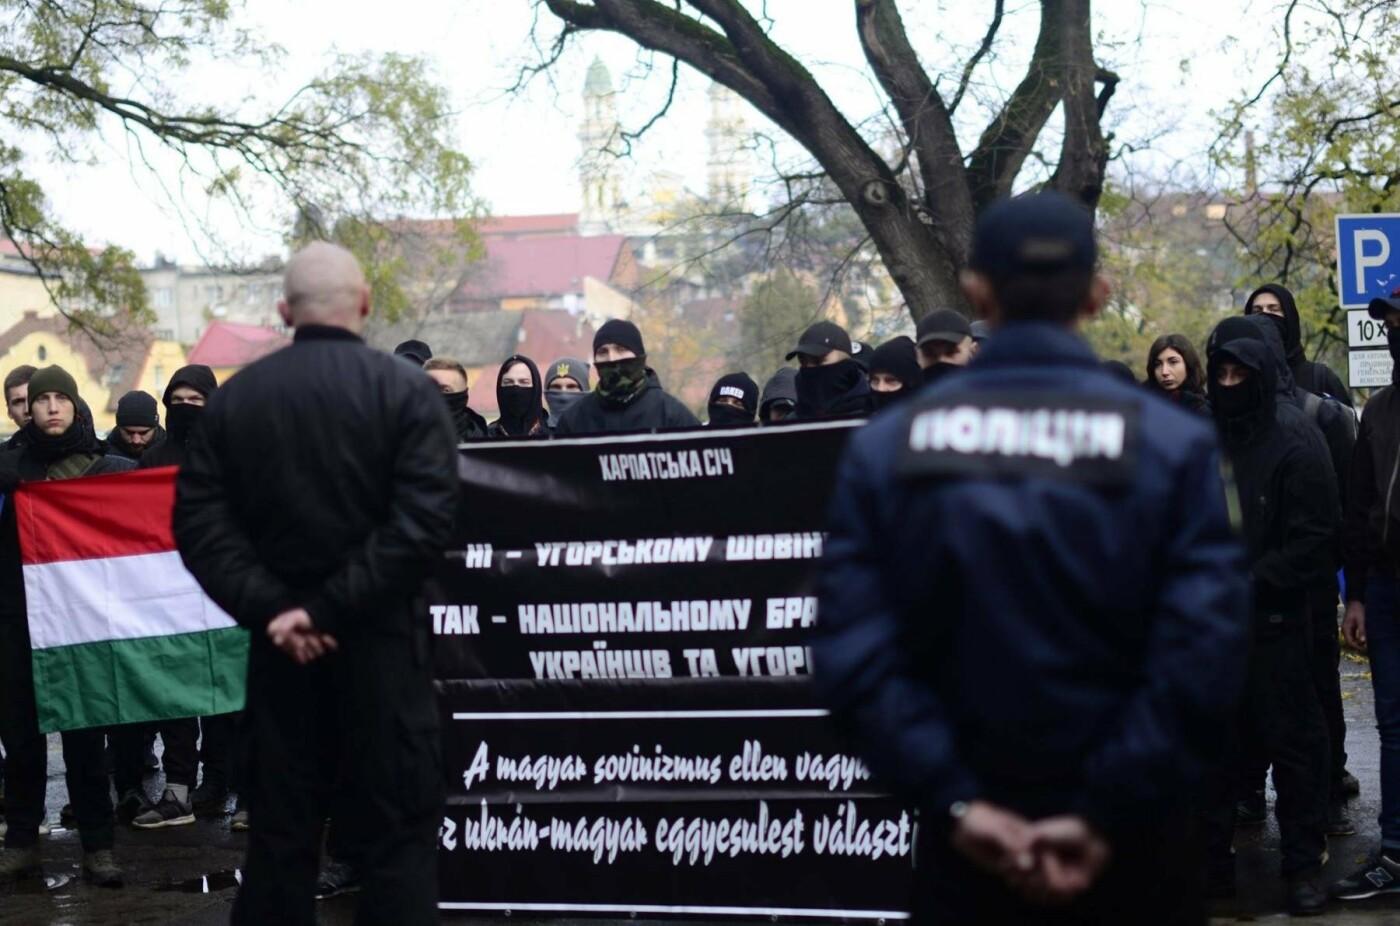 """В Ужгороді перед консульством Угорщини націоналісти """"Карпатської Січі"""" провели акцію, запаливши """"фаєри"""": фото, фото-12"""